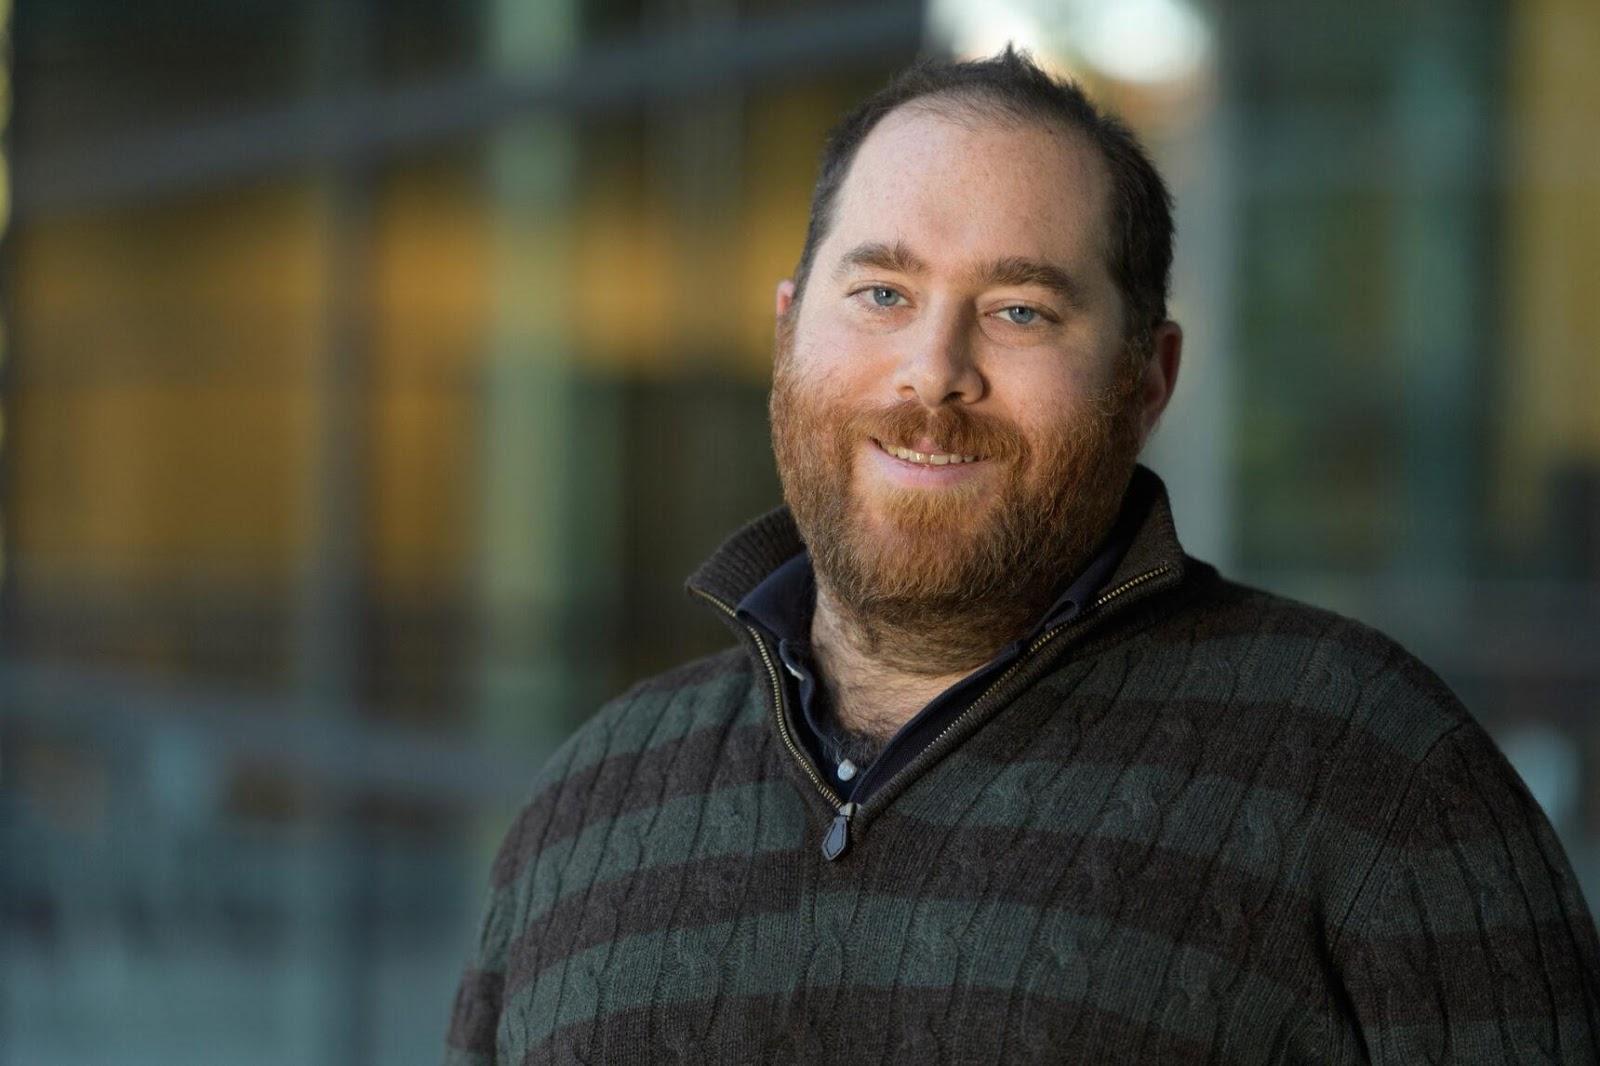 Дэниел Яминс, вычислительный нейробиолог и учёный CS из Стэнфордского университета, работает над способами определения того, какие алгоритмы действуют в биологическом мозге.